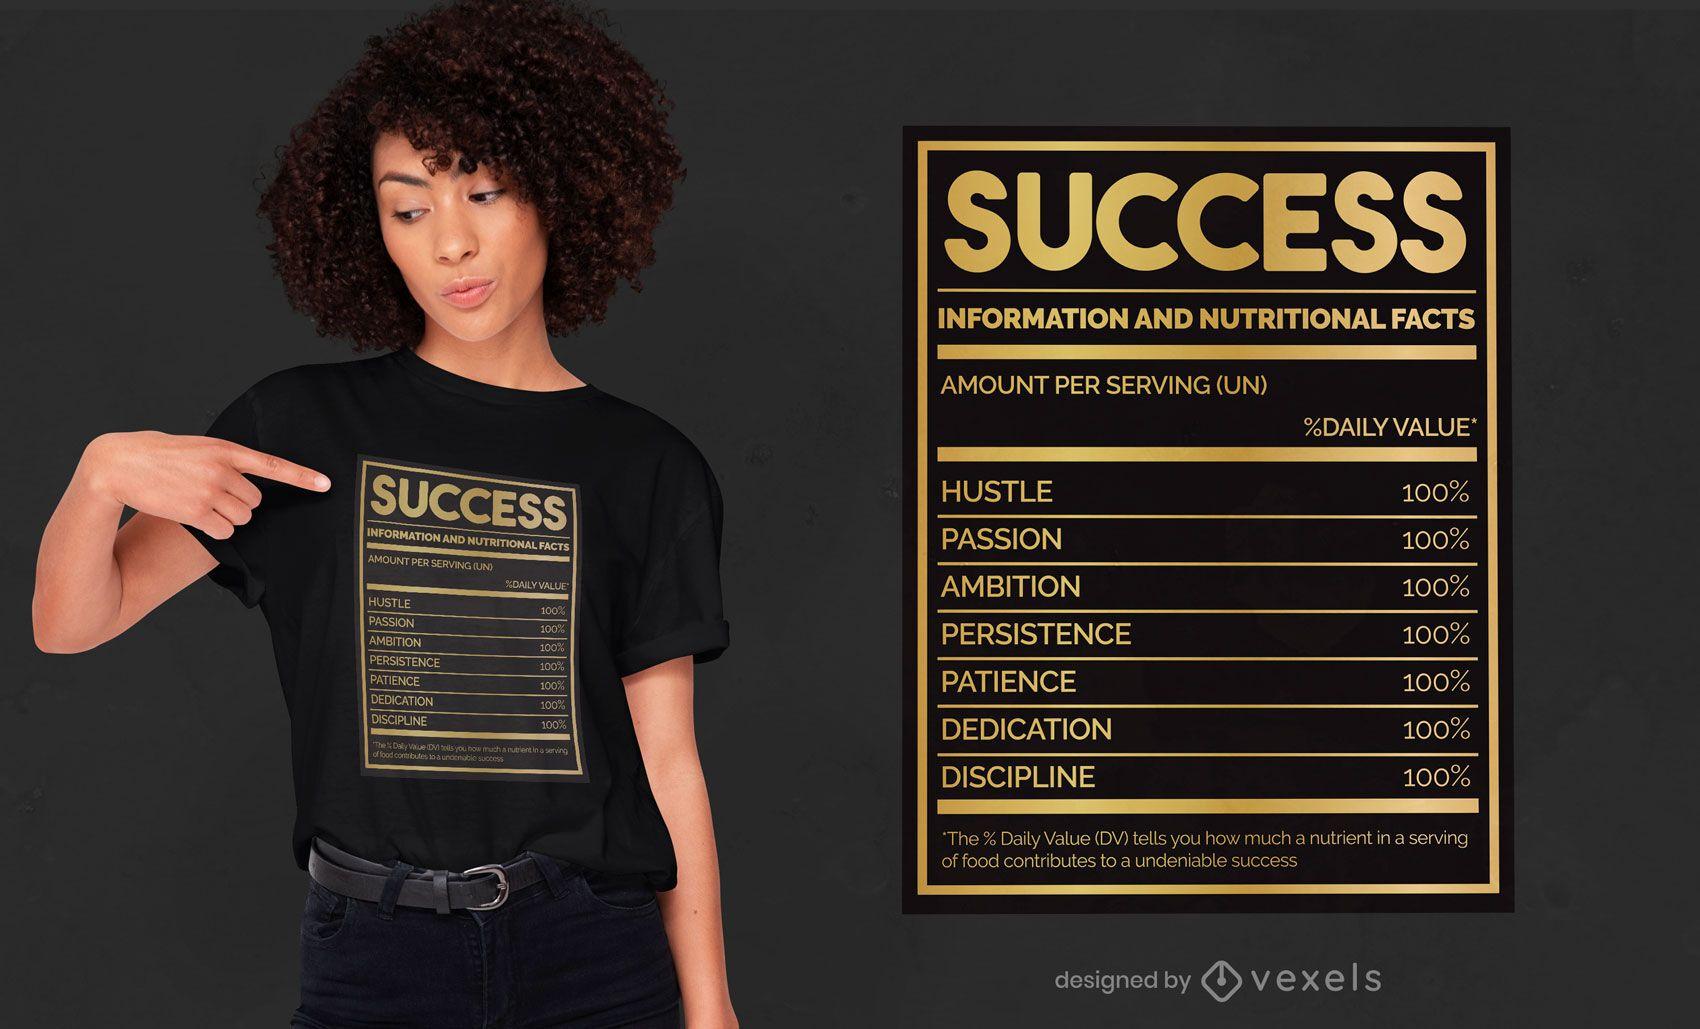 Diseño de camiseta de hechos nutricionales de éxito.